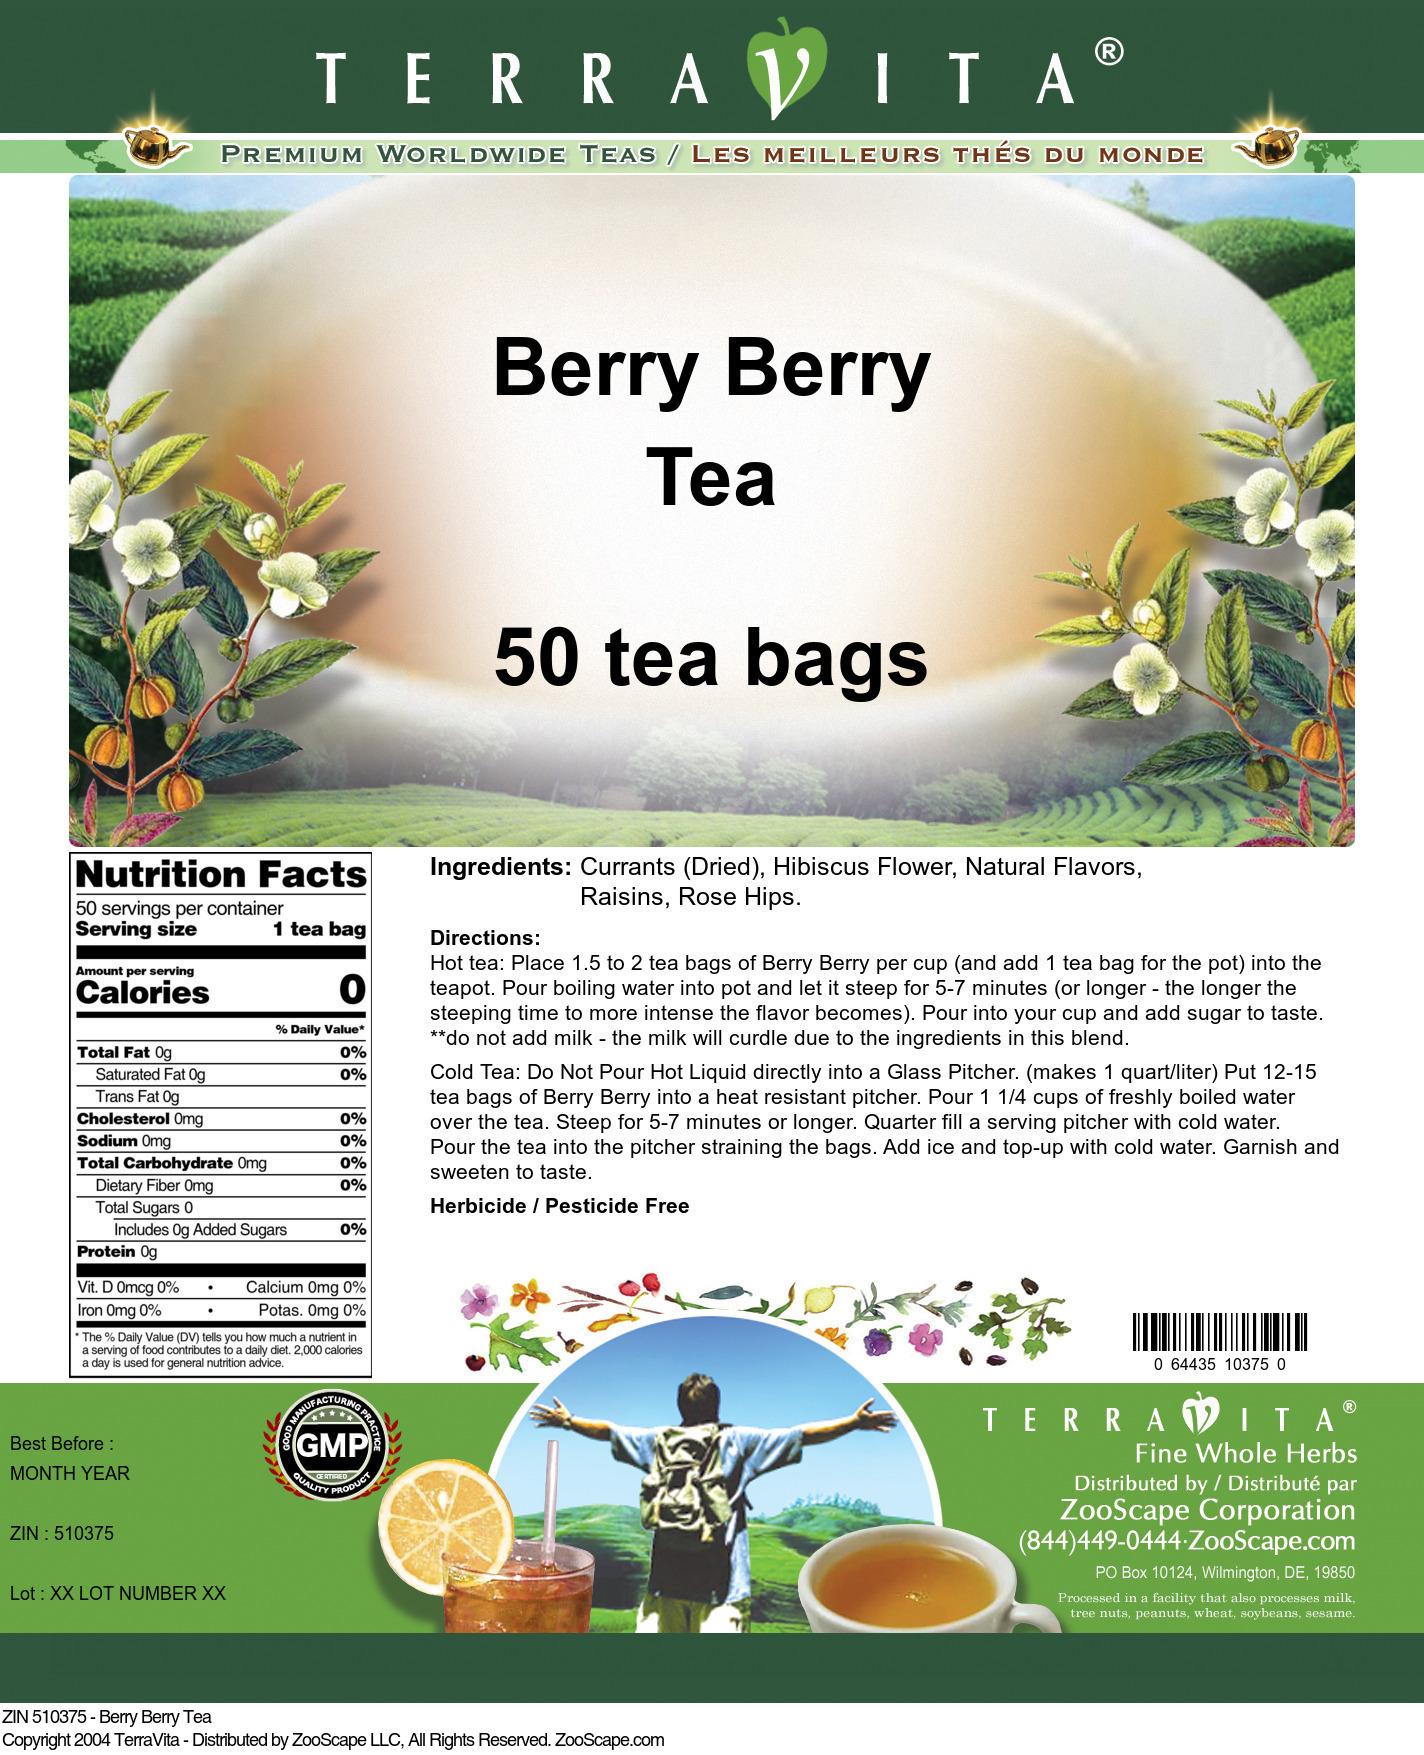 Berry Berry Tea